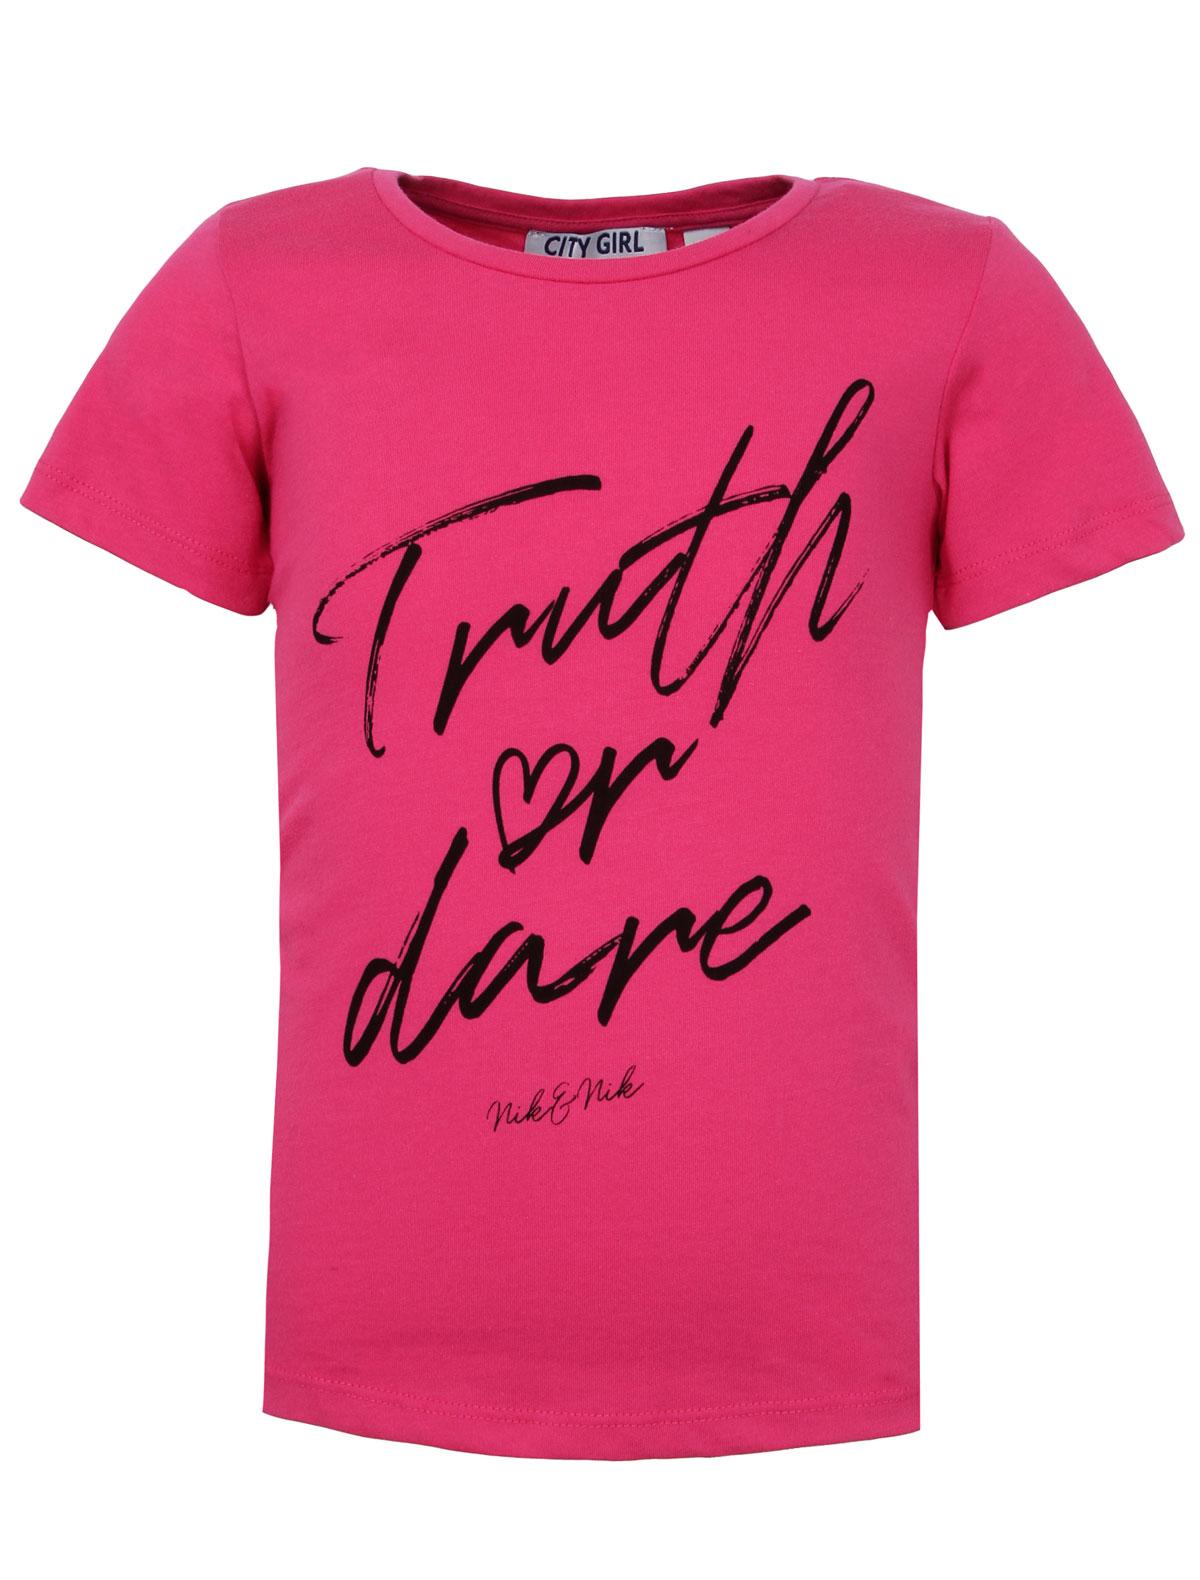 Купить 2123378, Футболка NIK & NIK, розовый, Женский, 1132609980052